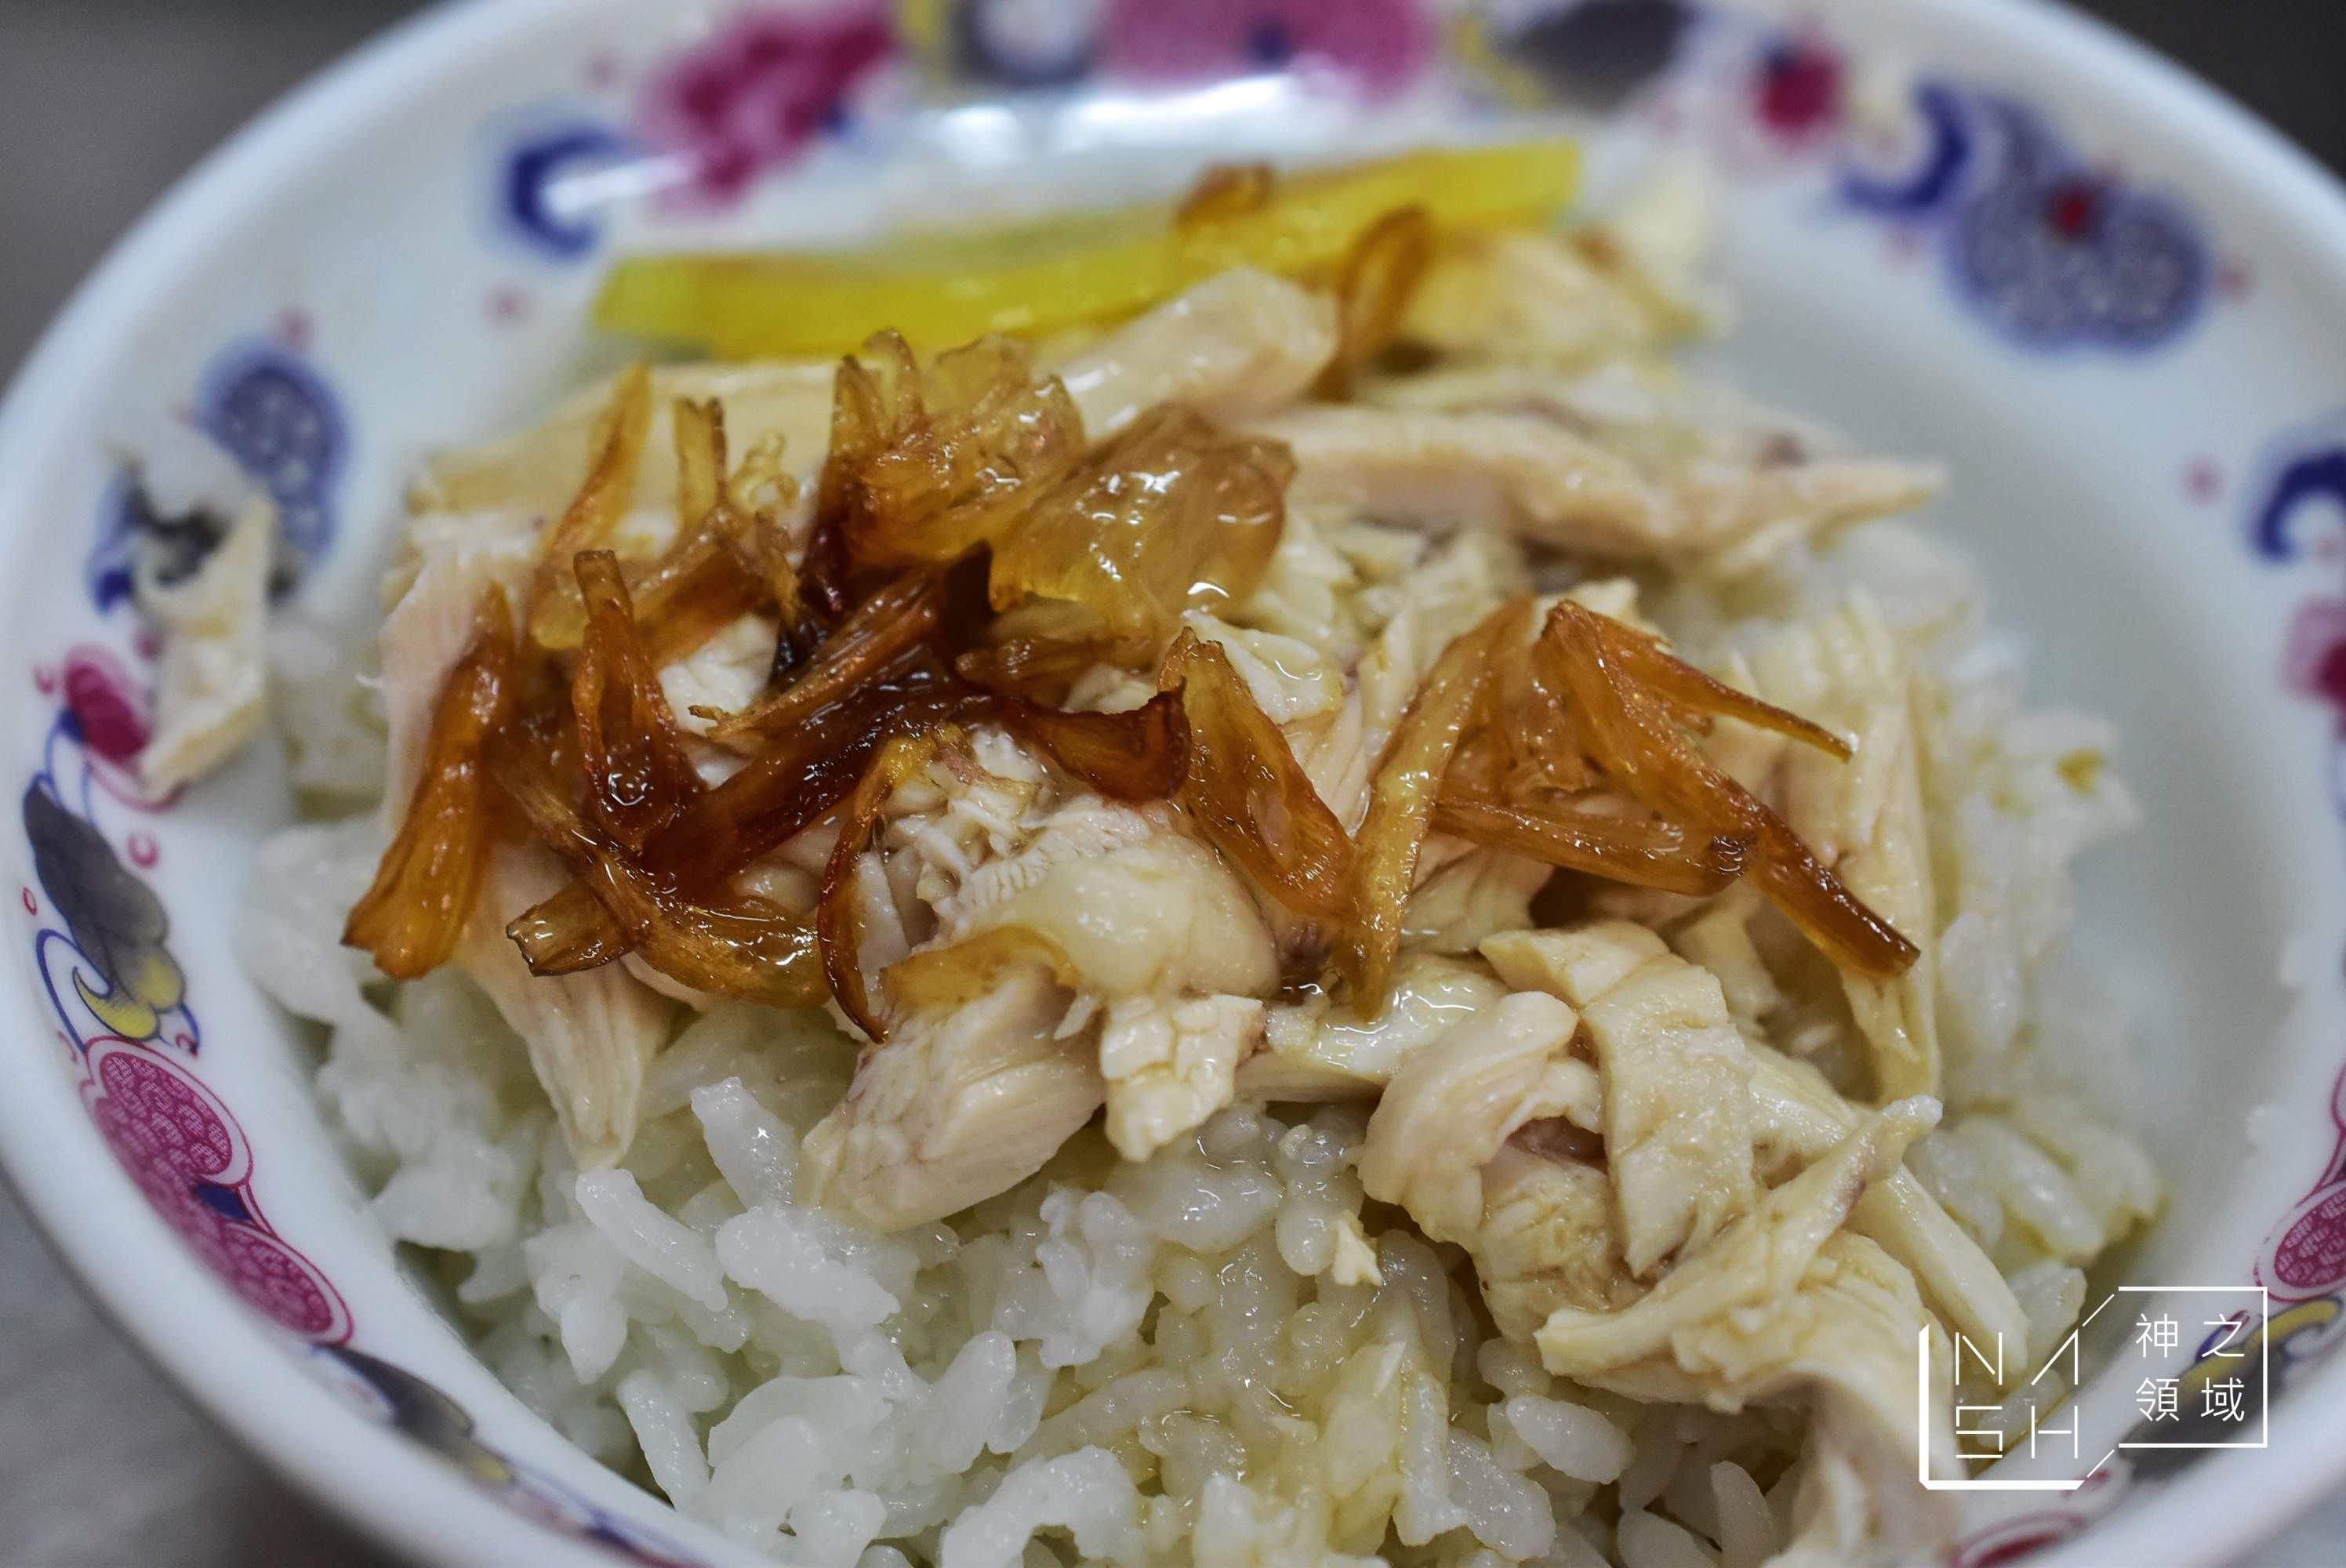 嘉義雞肉飯推薦|阿麗雞肉飯 醬汁香噴噴的雞肉飯